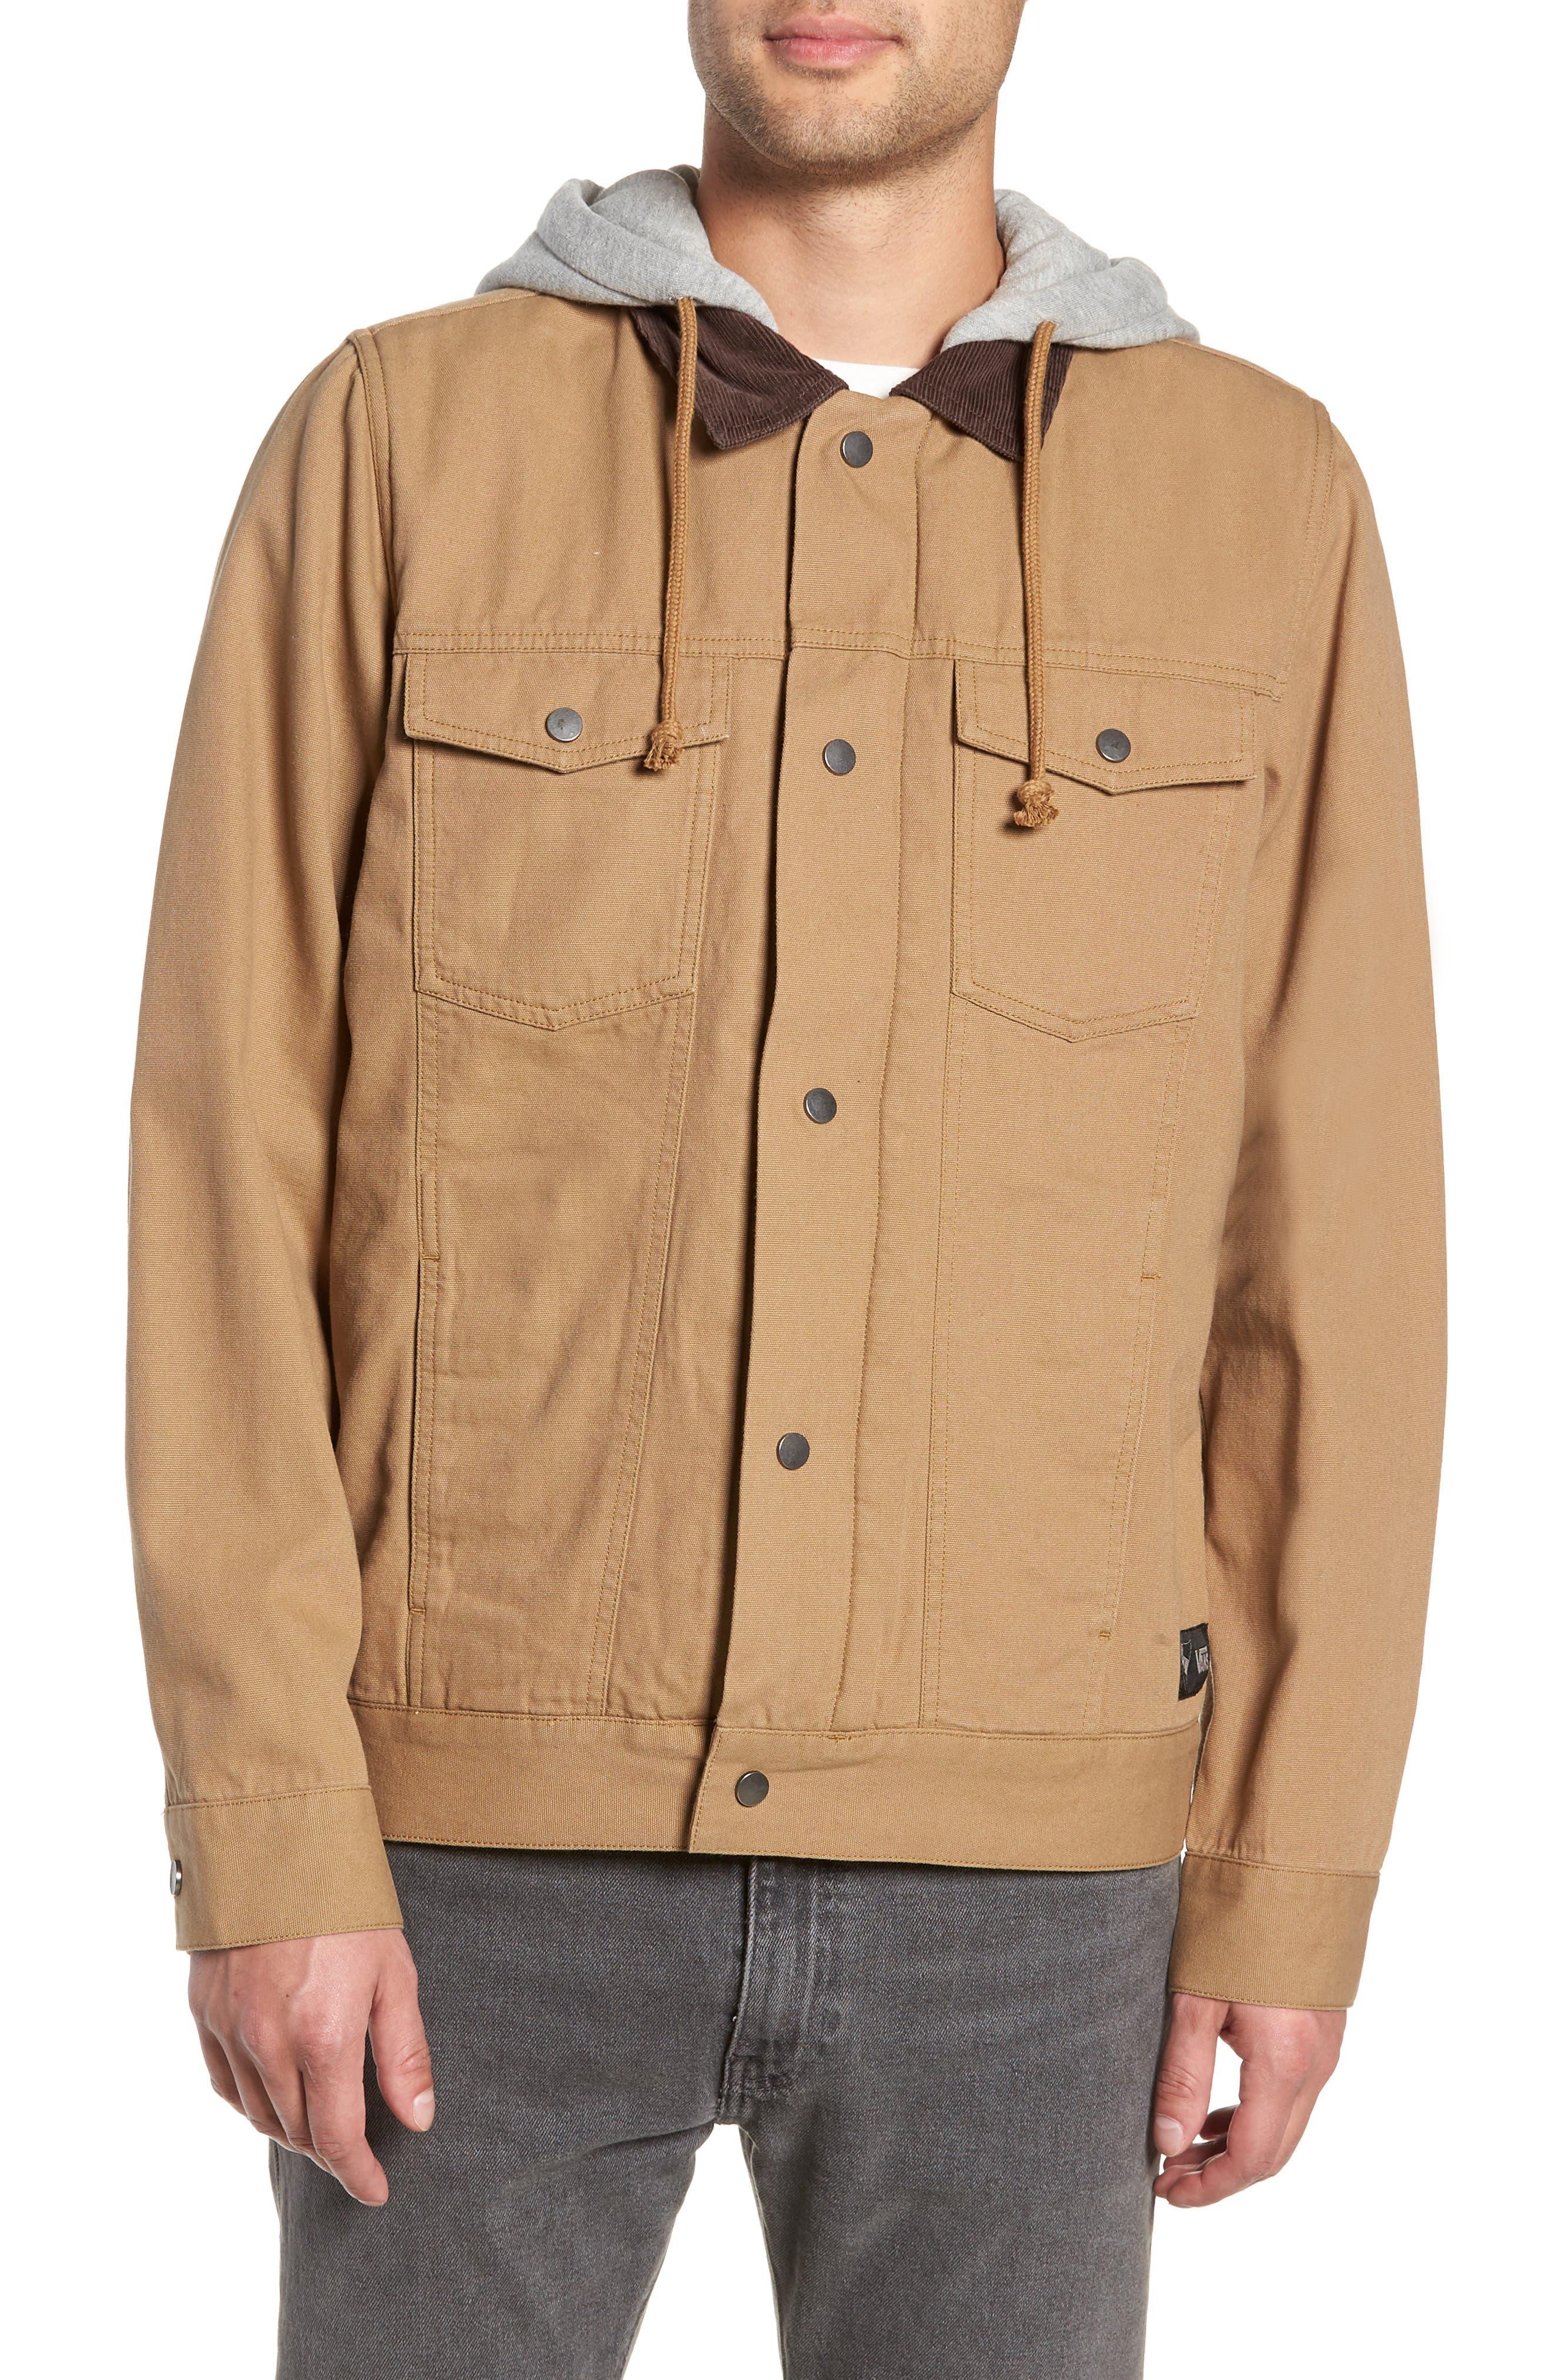 AV Edict II Canvas Trucker Jacket,                         Main,                         color, DIRT